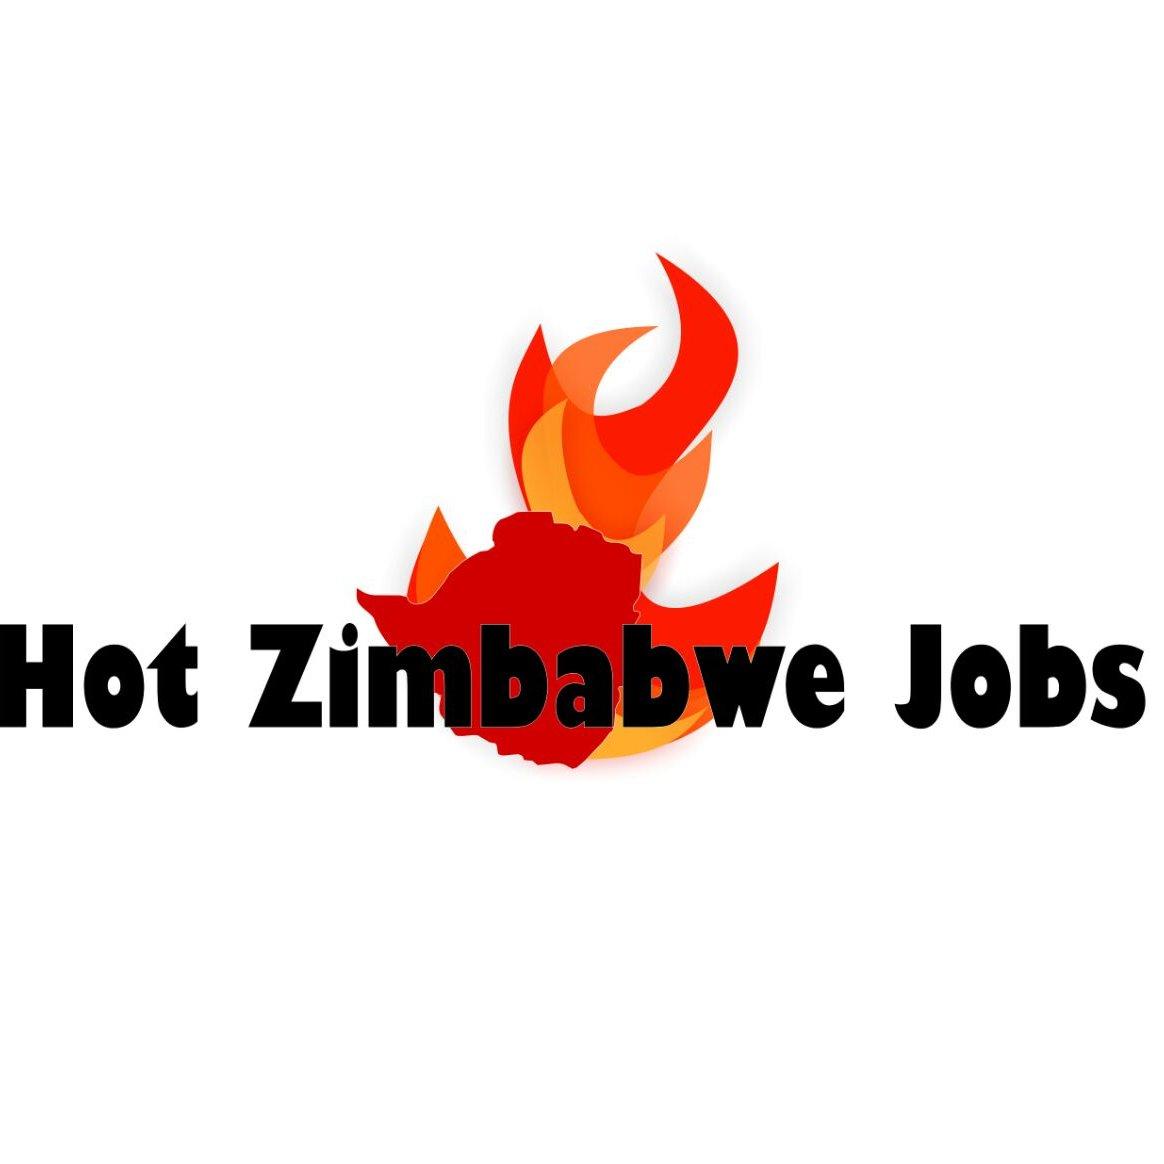 @hotzimbabwejobs